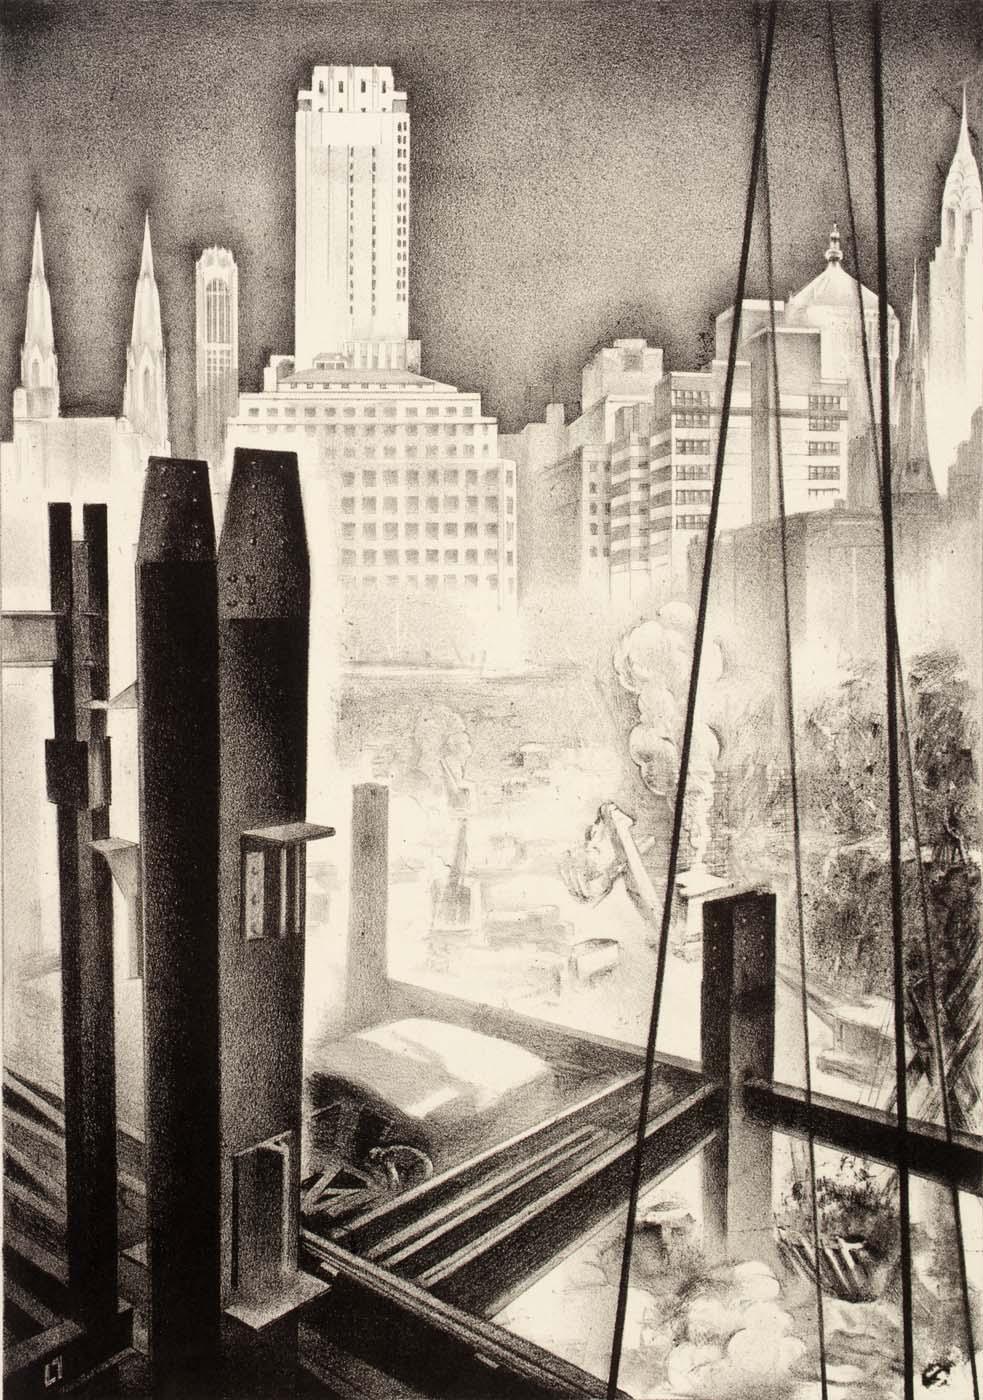 Louis Lozowick, Radio City (1932)